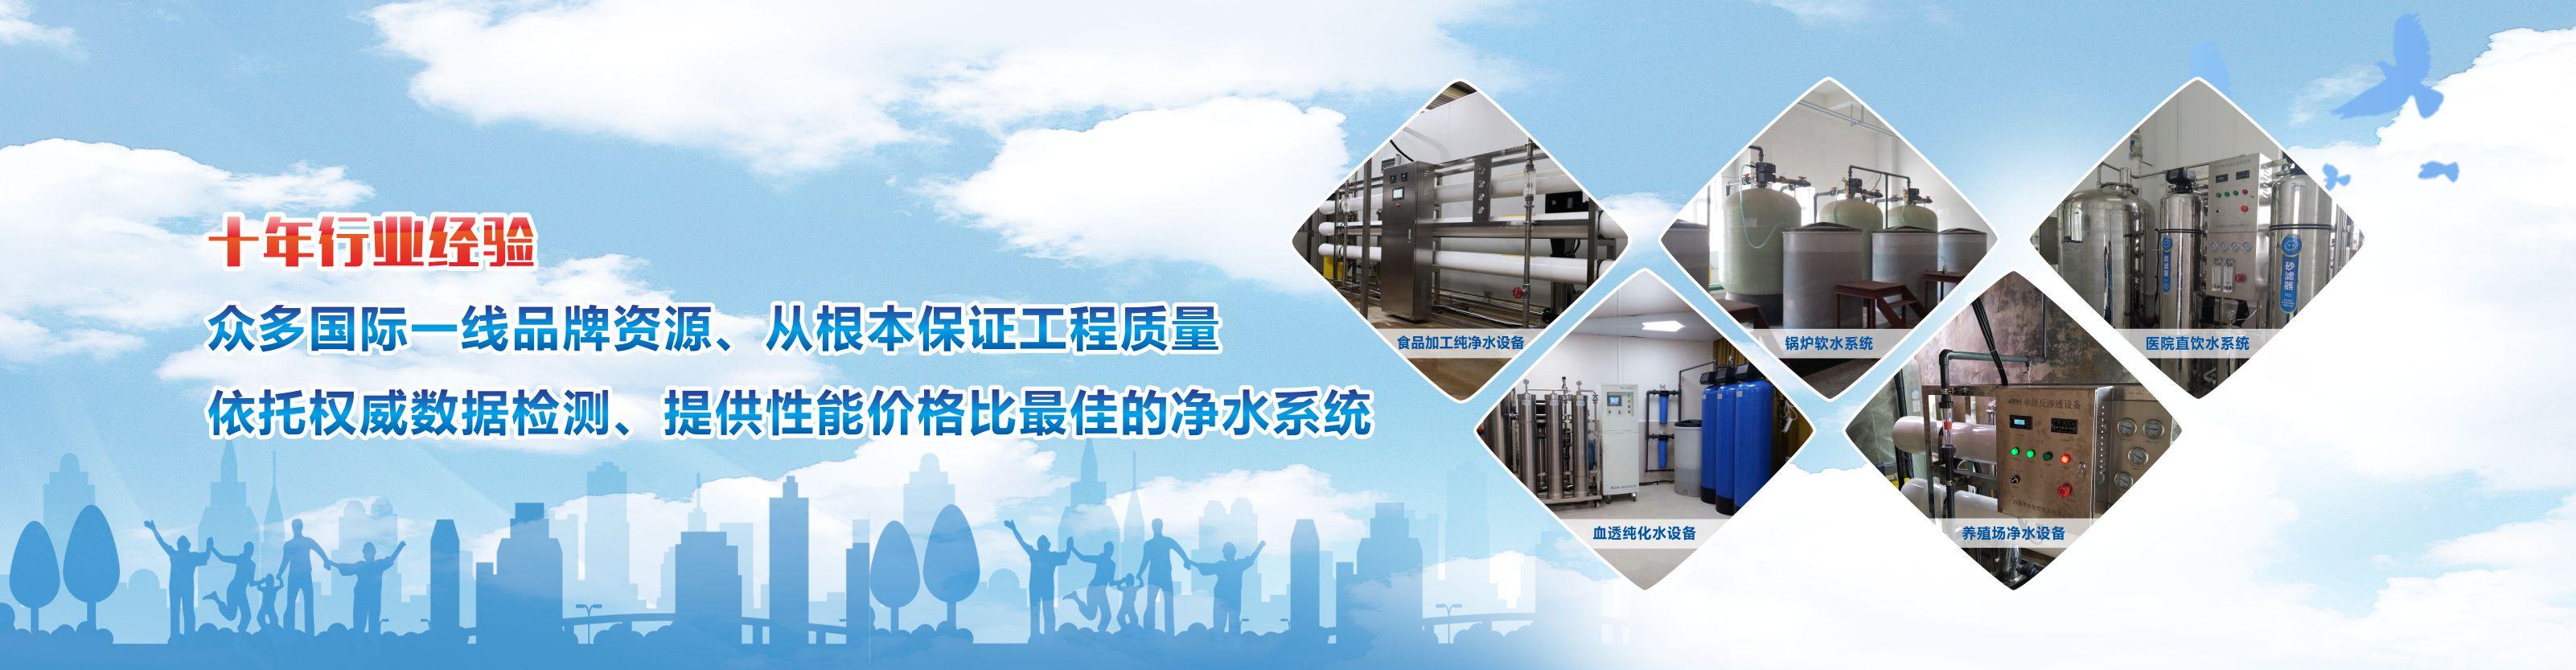 商务饮水系统1